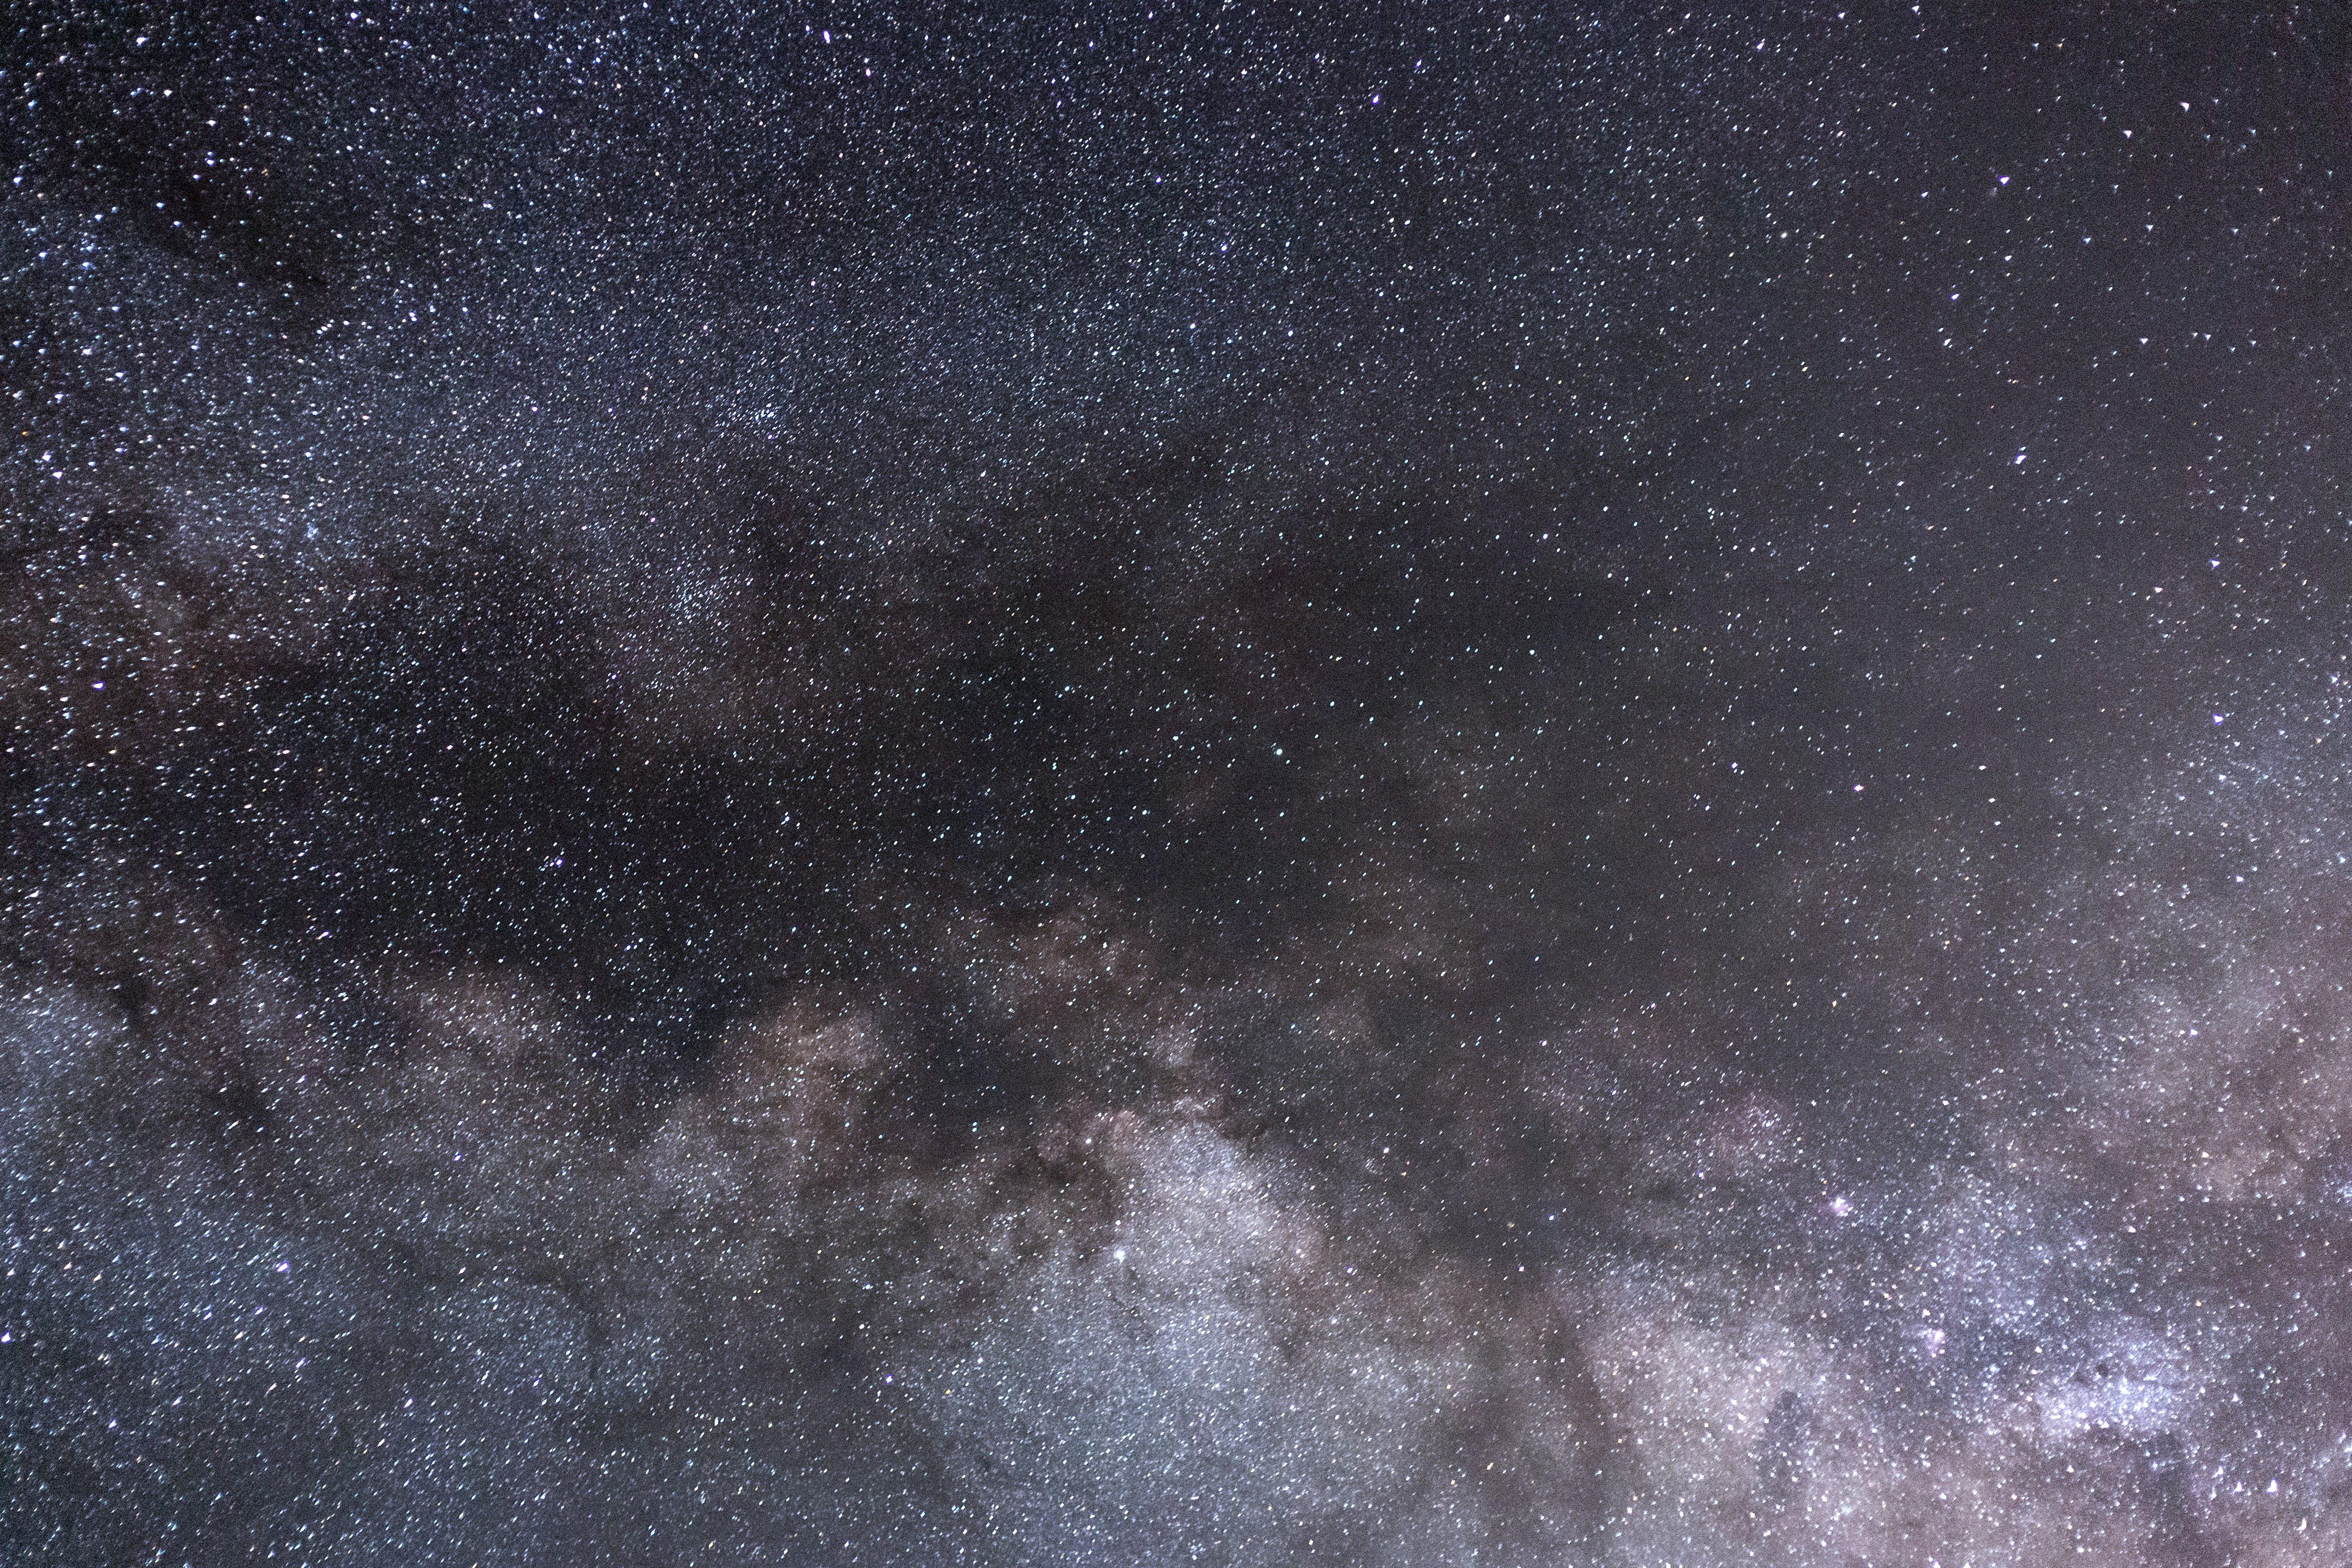 Gratis arkivbilde med astronomi, bakgrunnsbilde, galakse, galaksebakgrunnsbilde